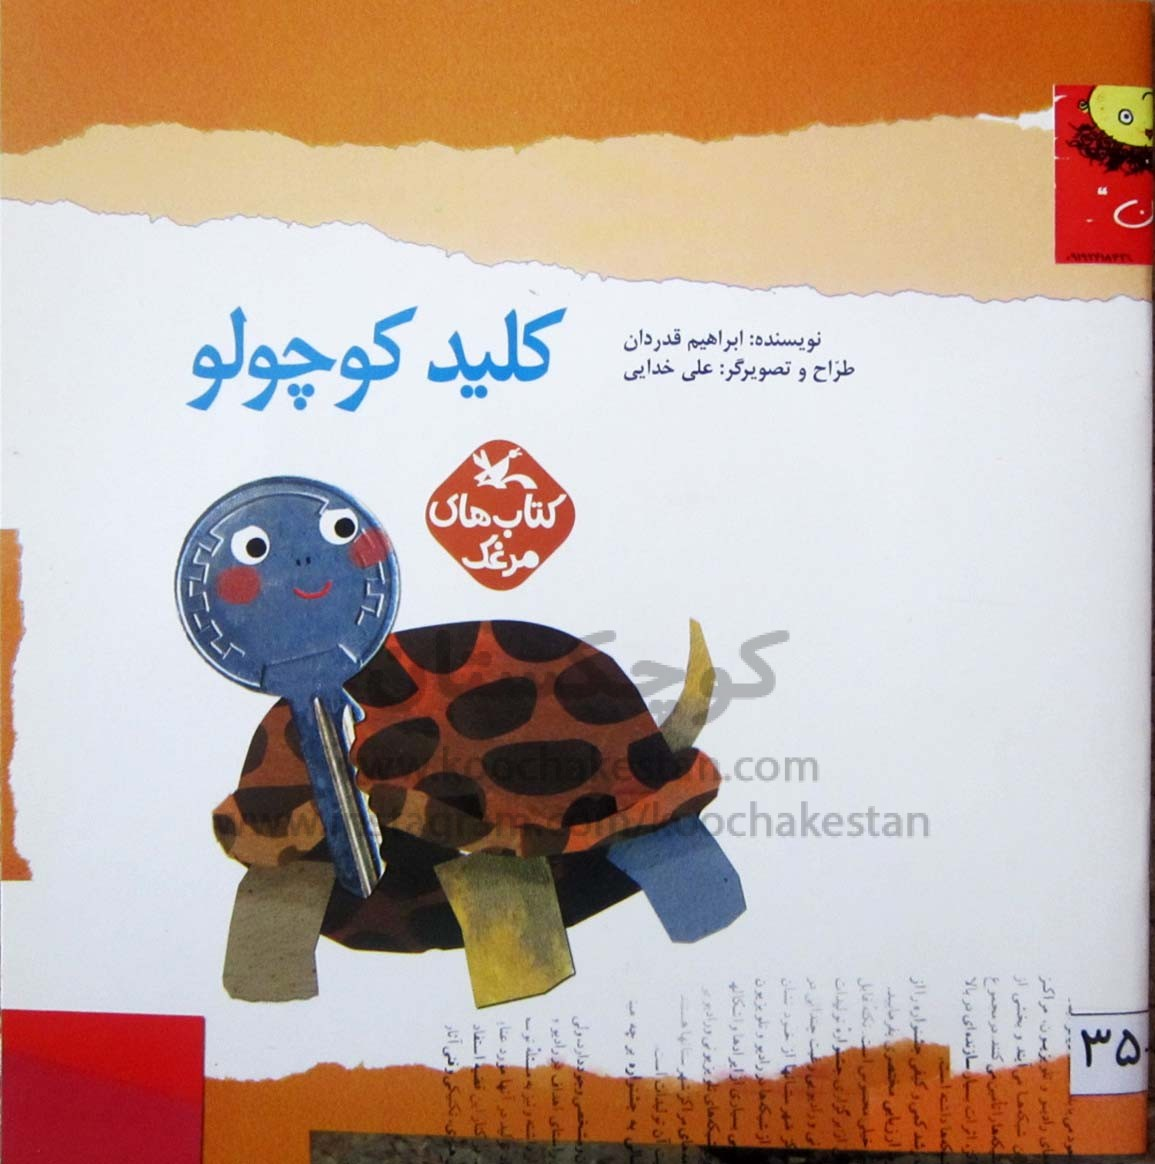 کلید کوچولو - کتابخانه کودک - کوچکستان